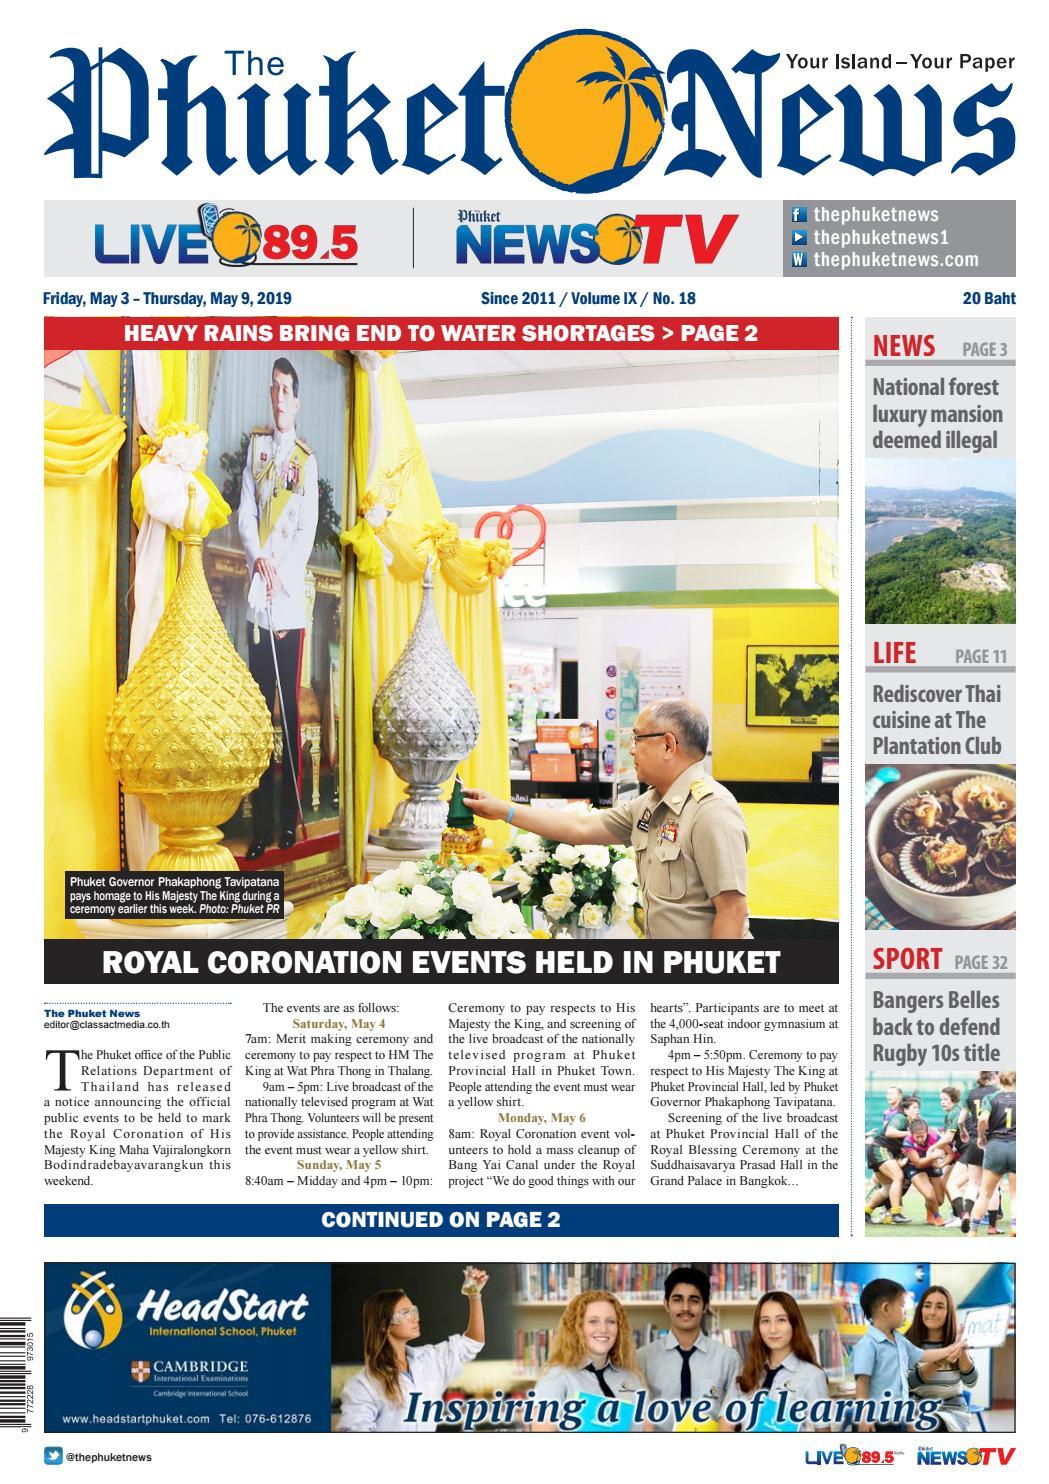 The Phuket News 03 May 2019 by The Phuket News - issuu